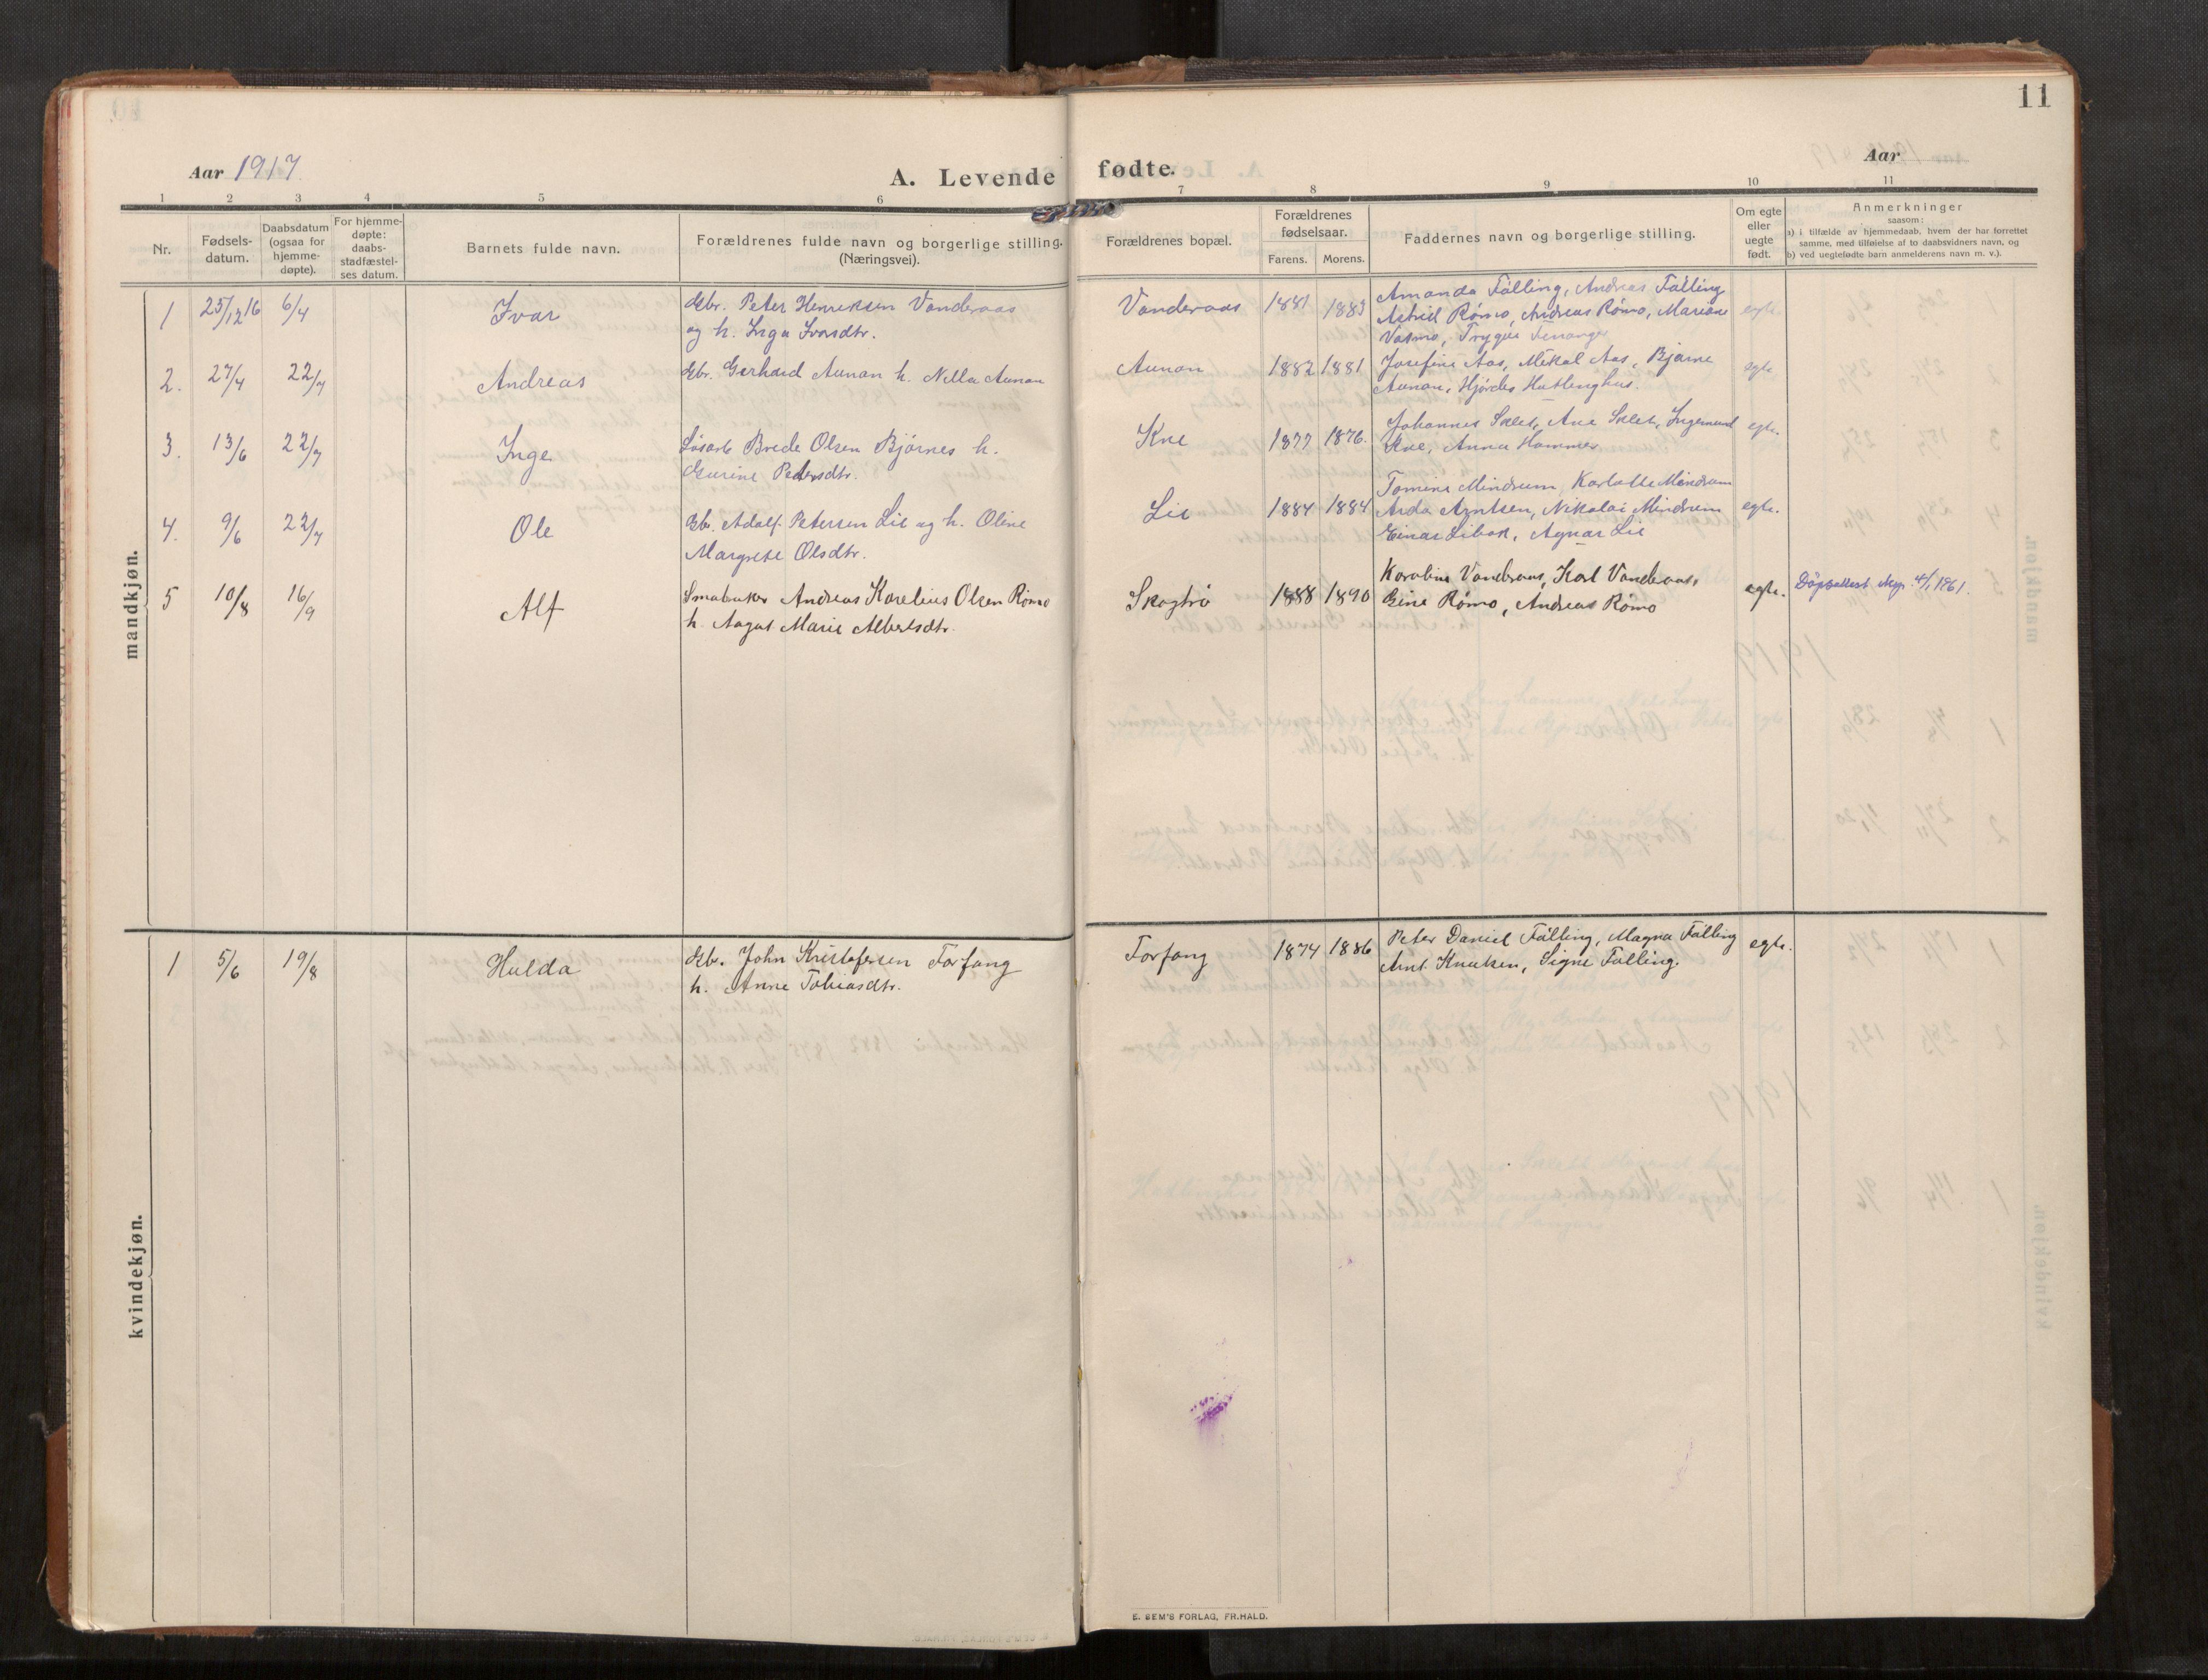 SAT, Stod sokneprestkontor, I/I1/I1a/L0003: Parish register (official) no. 3, 1909-1934, p. 11